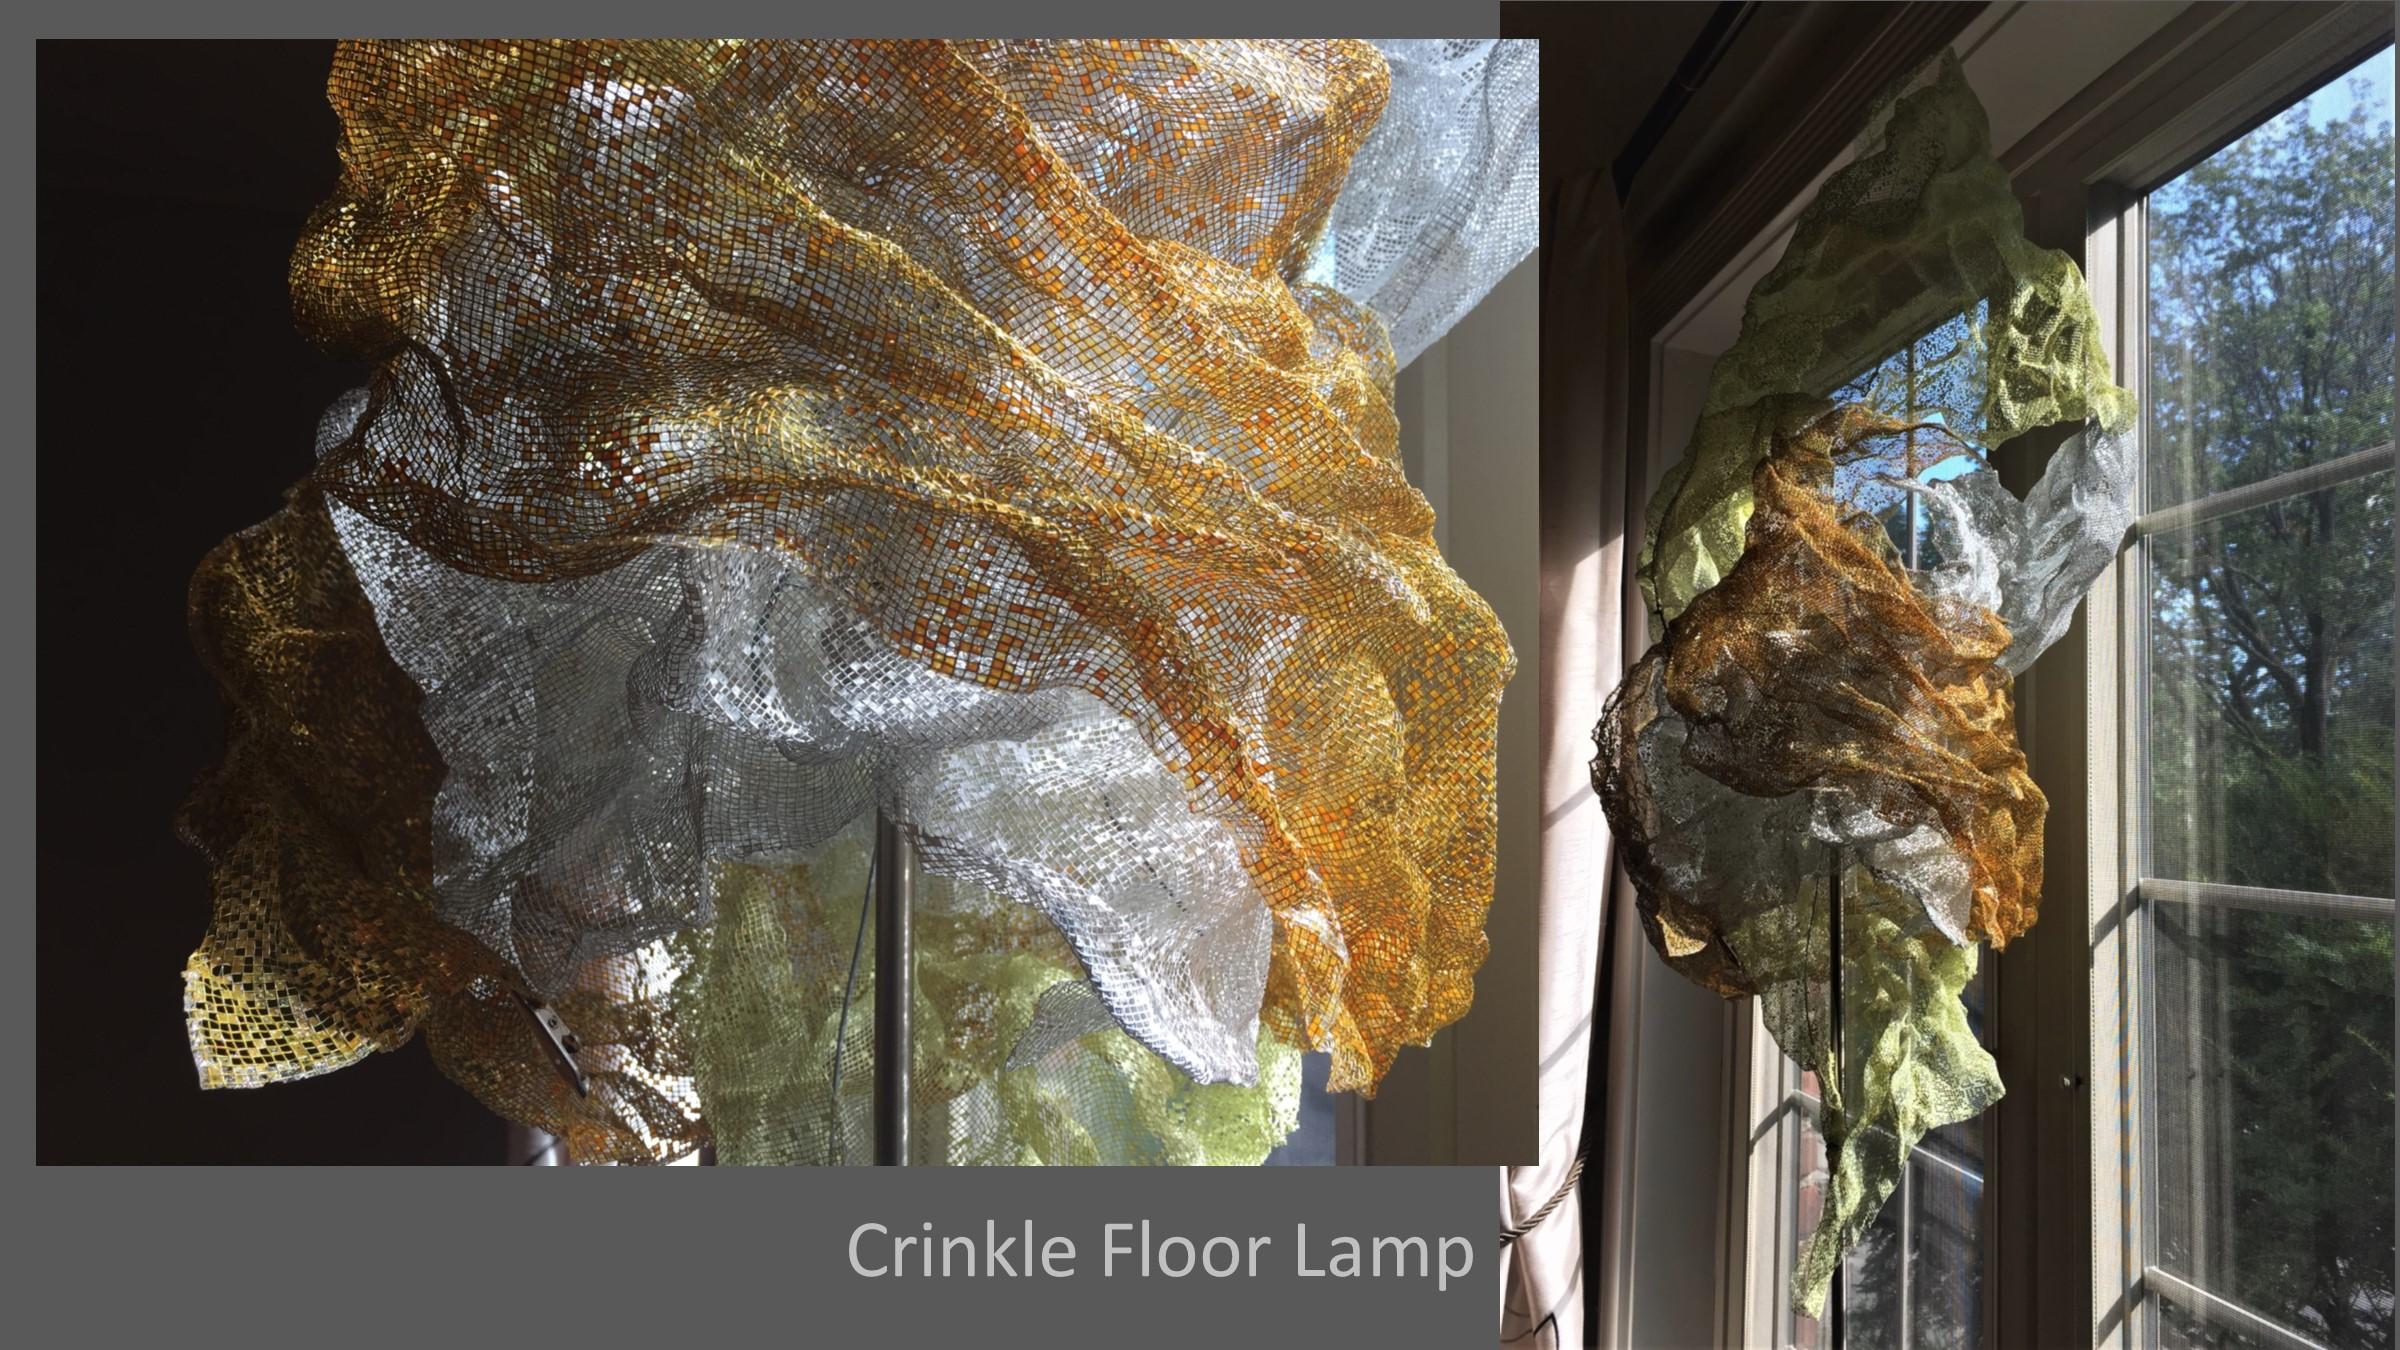 006.2_Crinkle_19-03-22 (2).jpg